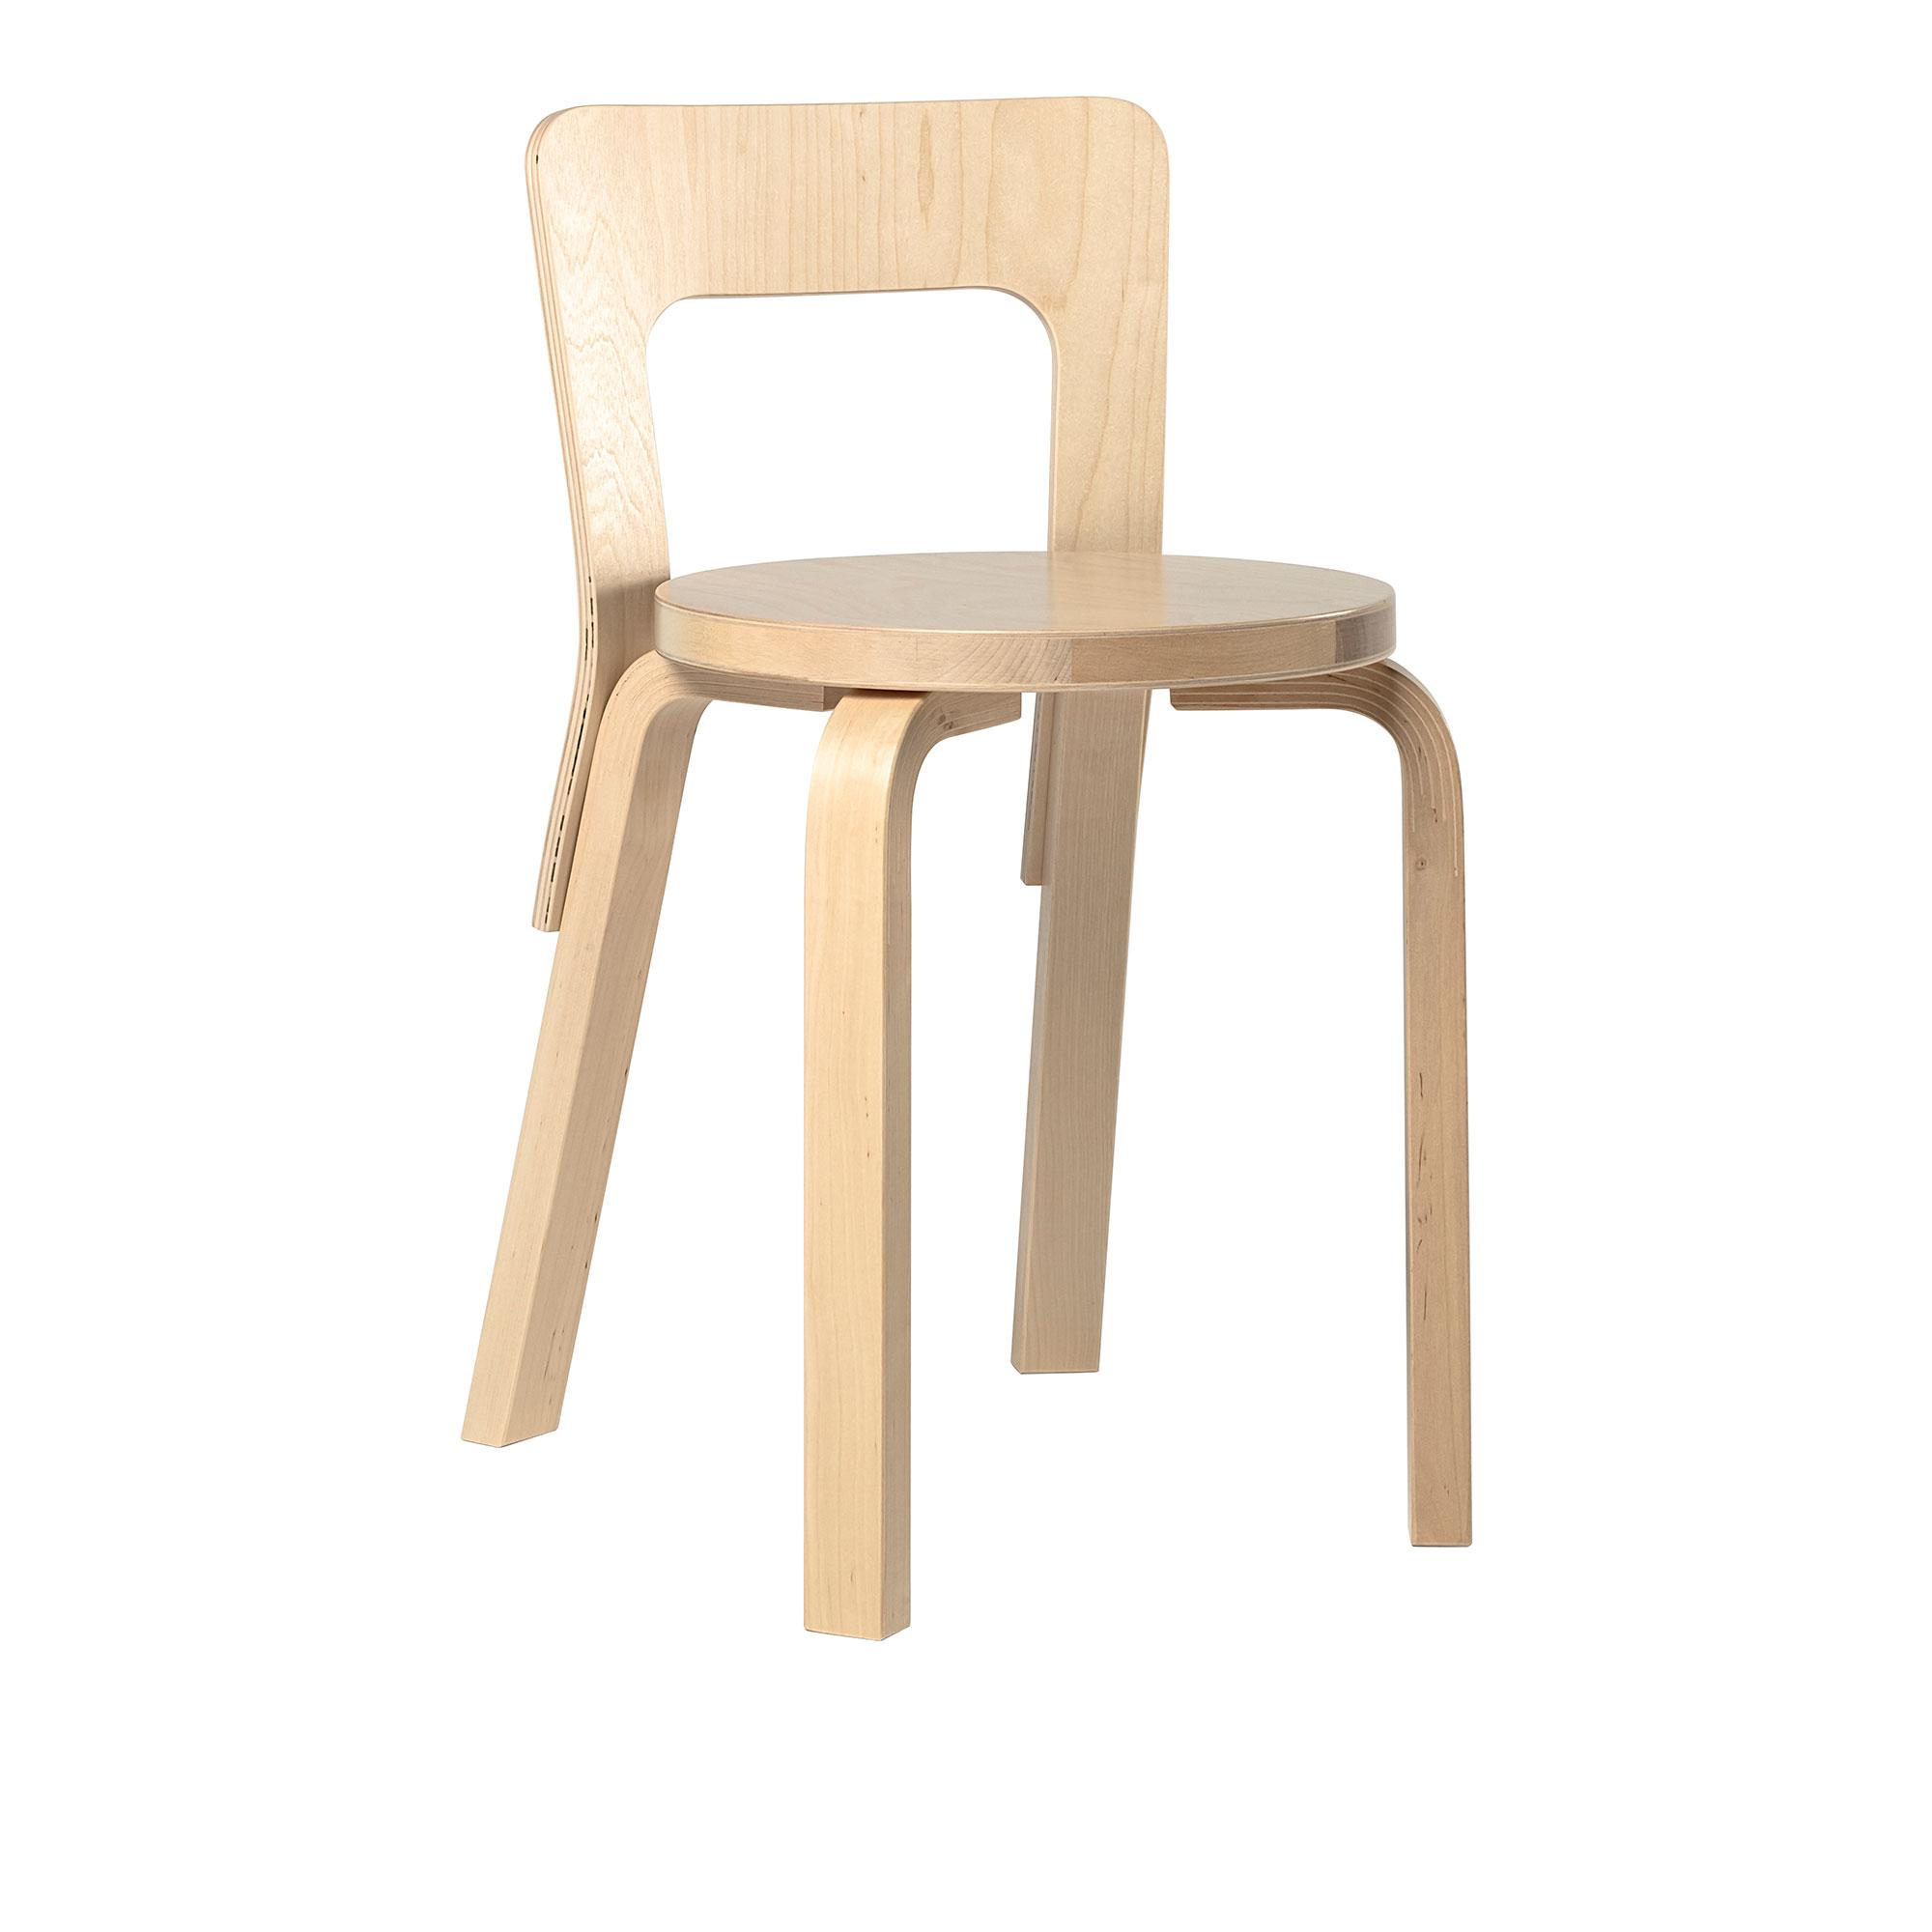 Strålende Köp Stol 65 från Artek | Nordiska Galleriet QL-47